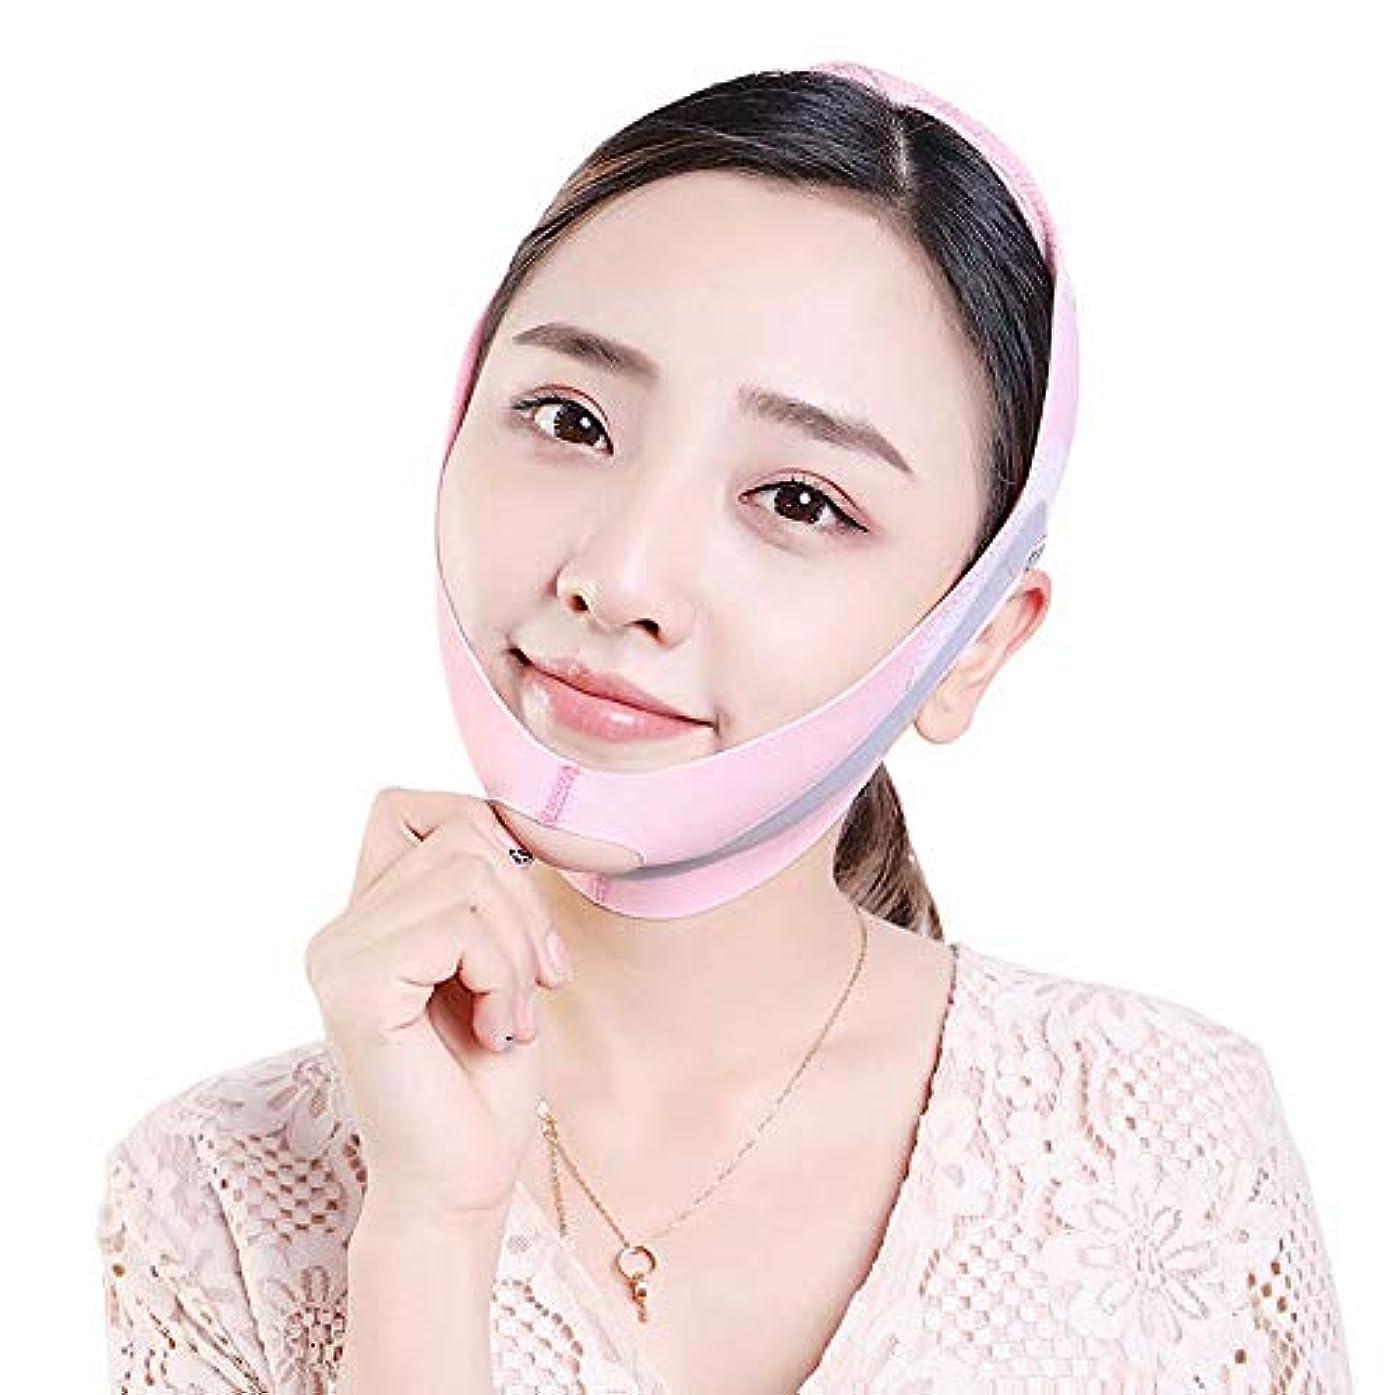 合理的アミューズメント費やす飛強強 たるみを防ぐために顔を持ち上げるために筋肉を引き締めるために二重あごのステッカーとラインを削除するために、顔を持ち上げるアーティファクト包帯があります - ピンク スリムフィット美容ツール